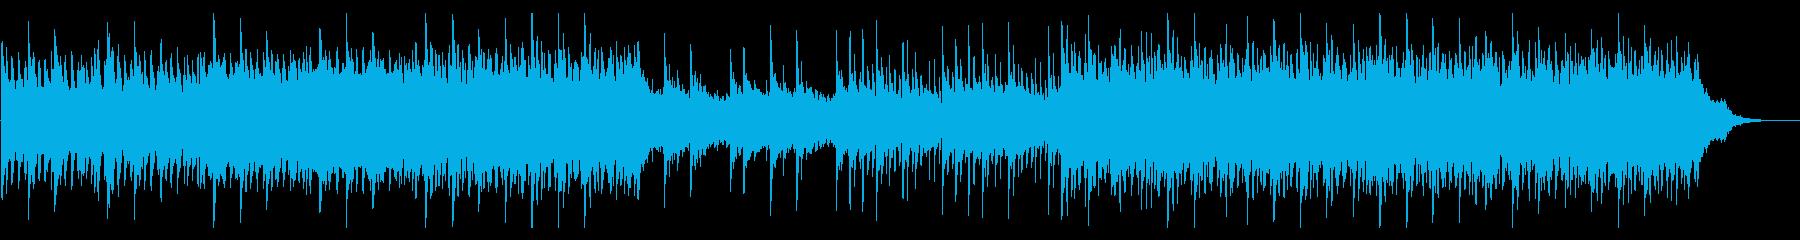 【キック抜】ピアノとシンセの企業系アンビの再生済みの波形